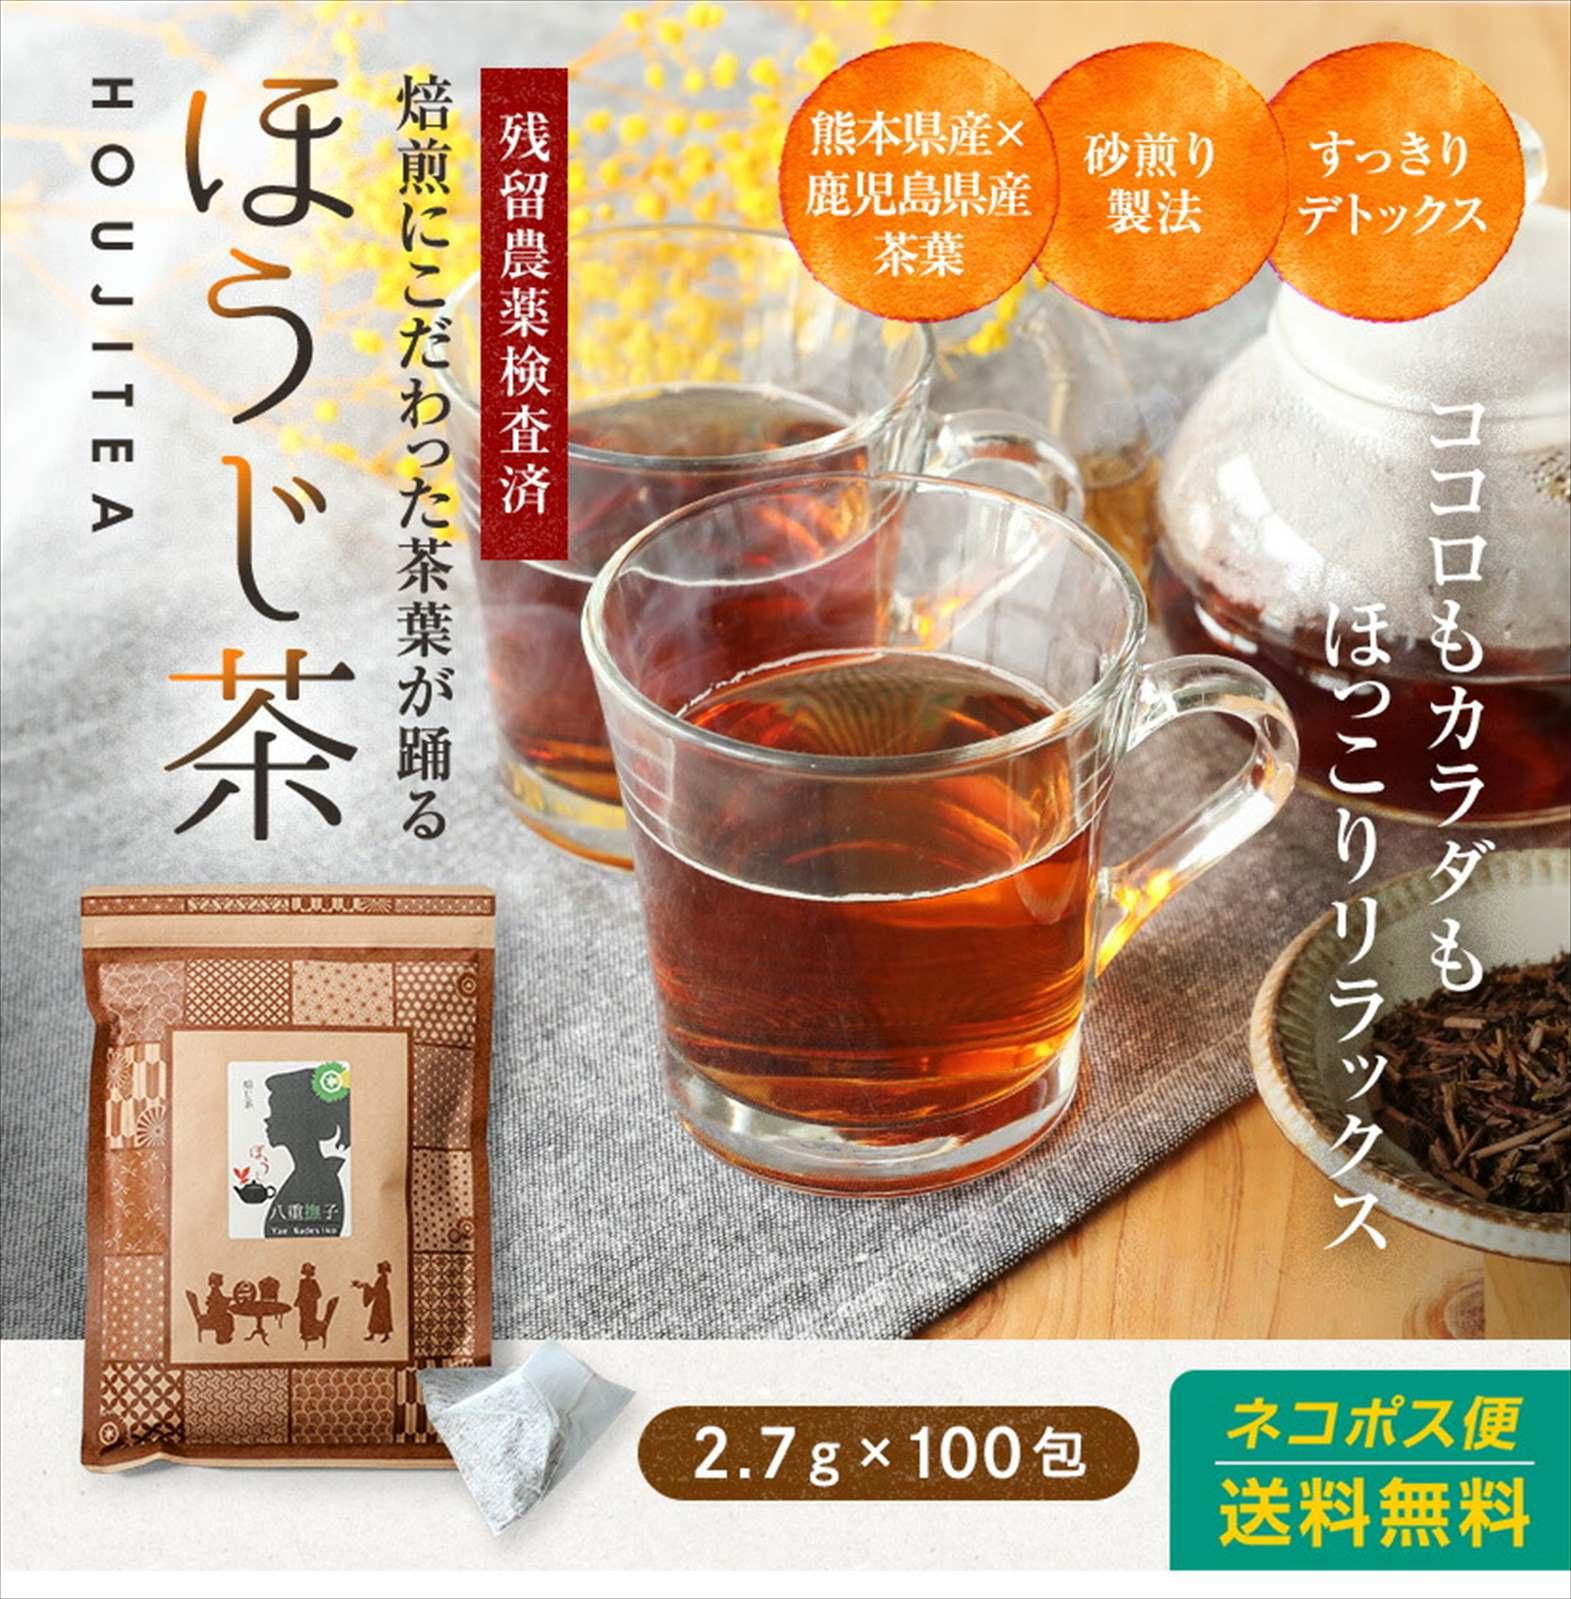 ほうじ茶 日本茶 ティーバッグ (2.7g×100個)送料無料 ほうじちゃ 八重撫子